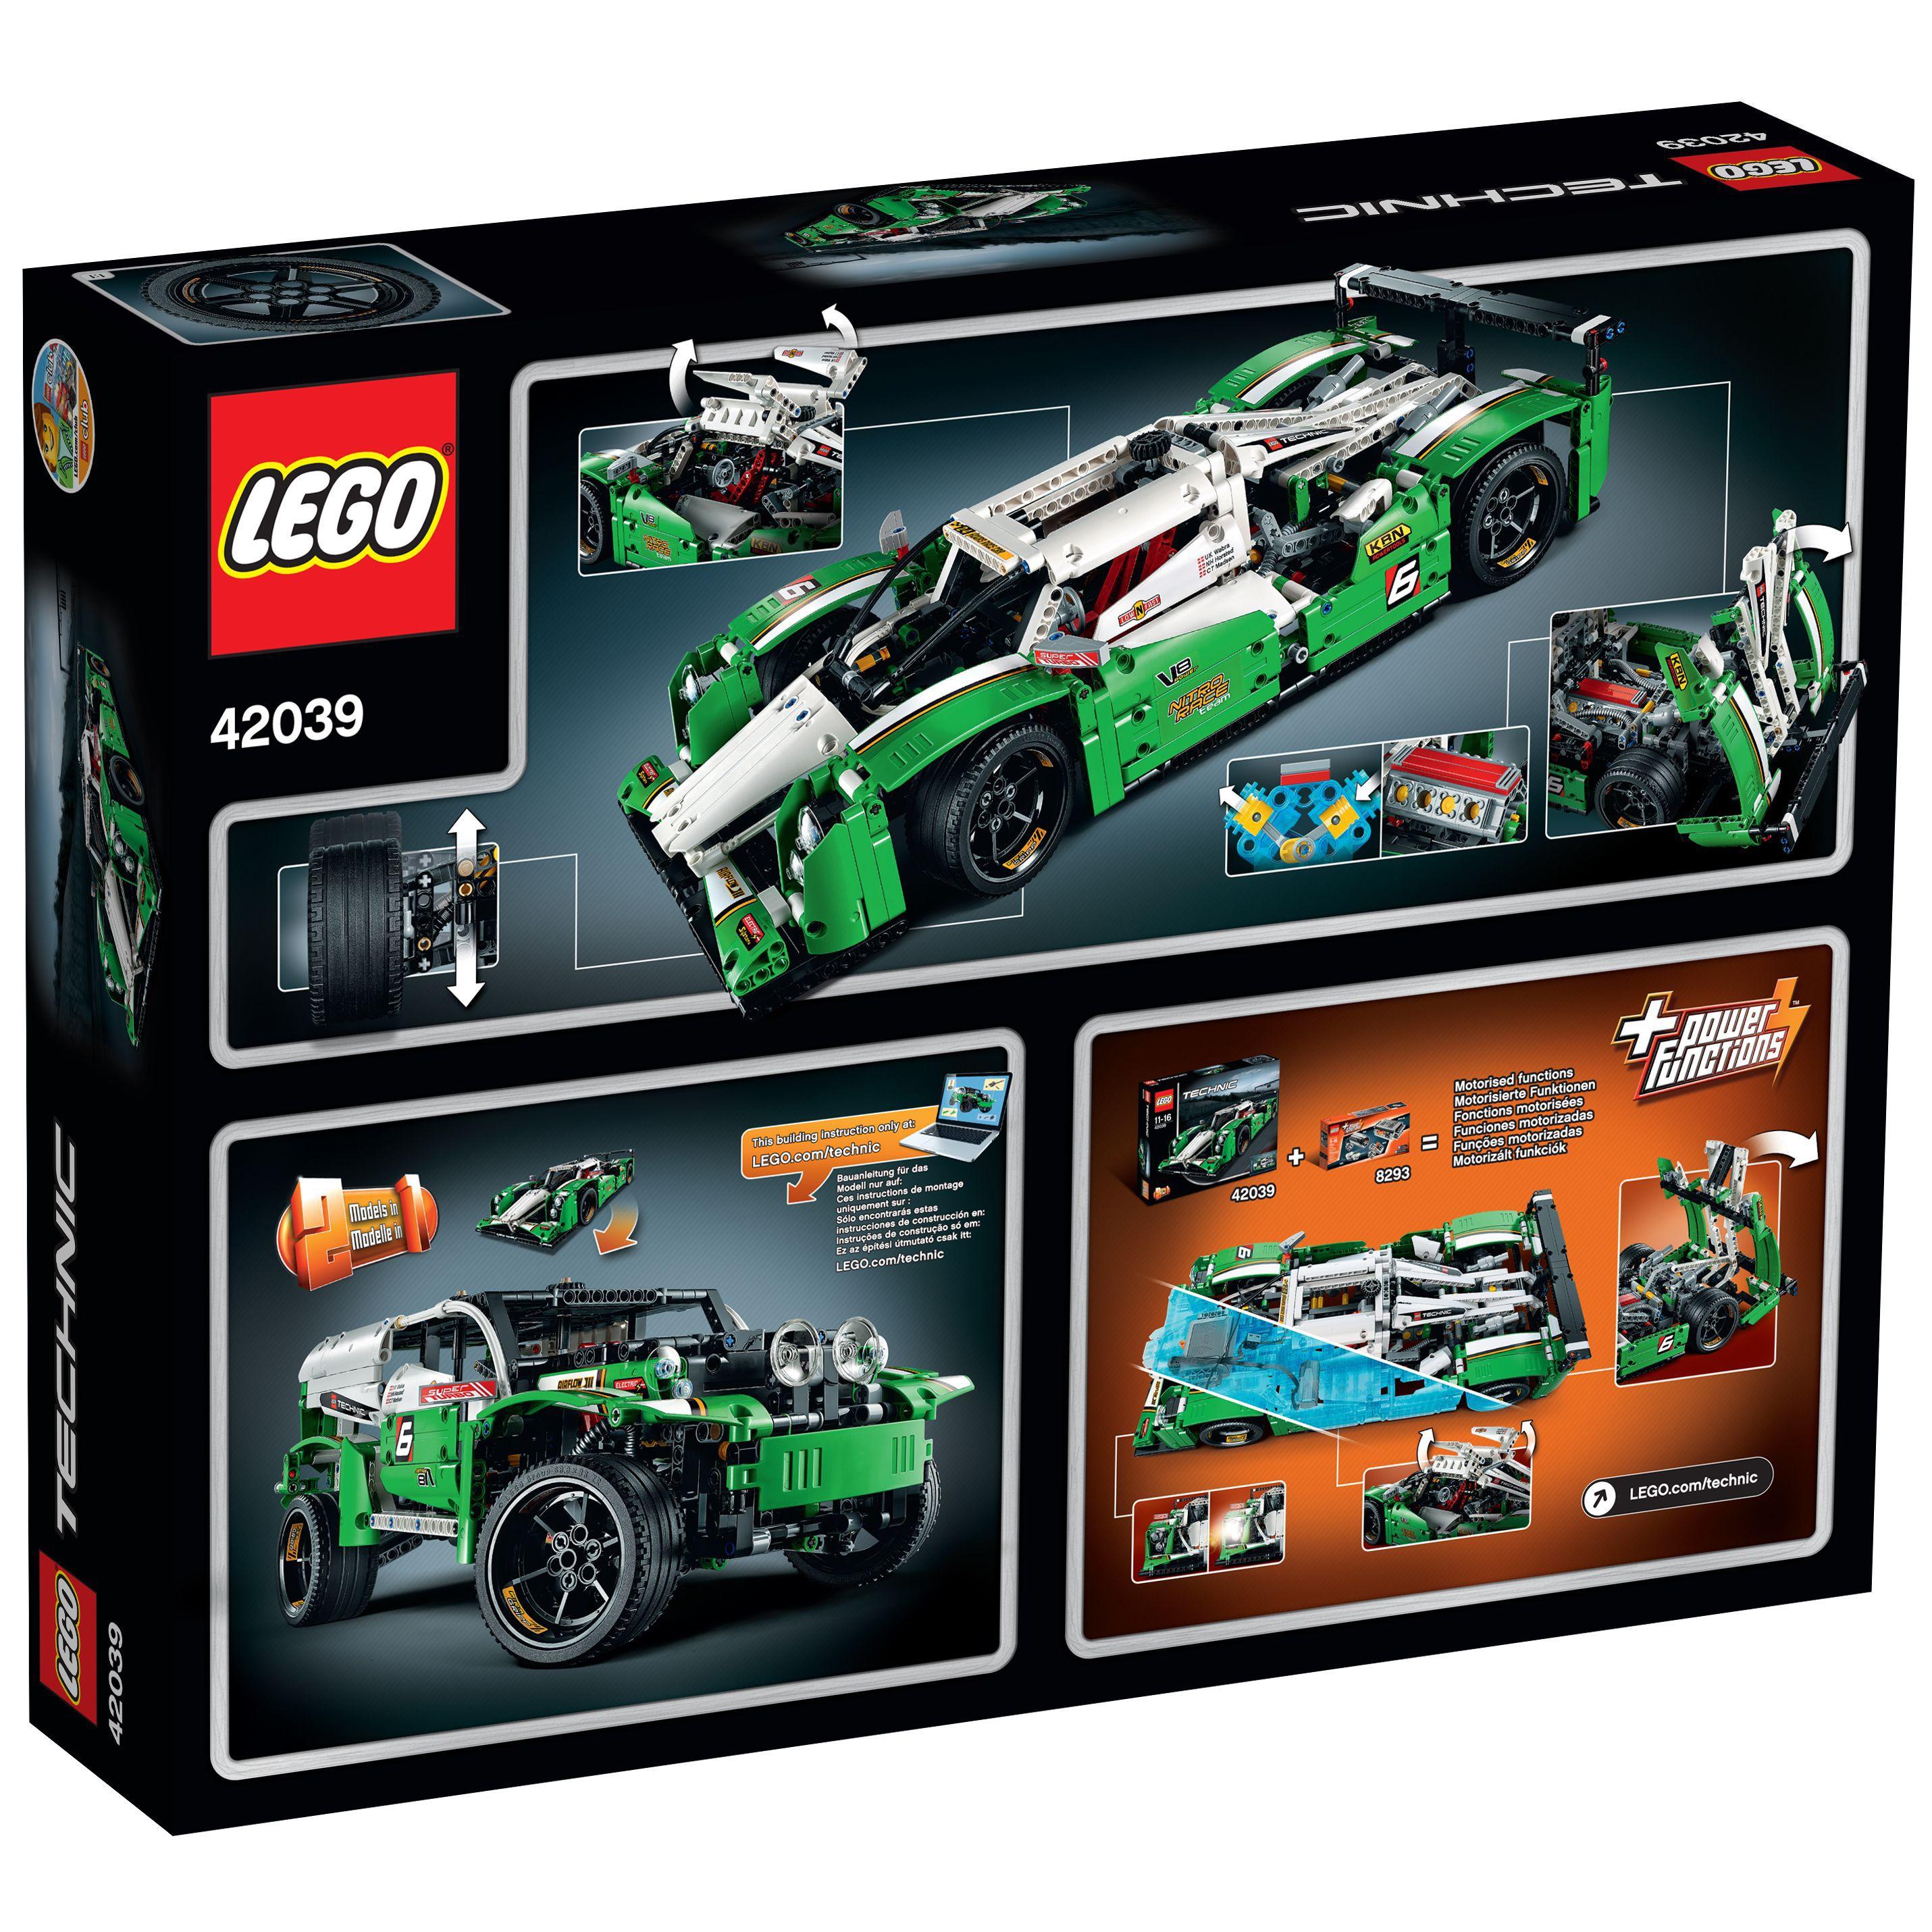 Voiture Vente 42039 La 24h Achat De Lego® Course Technic Des qVSzUpMG